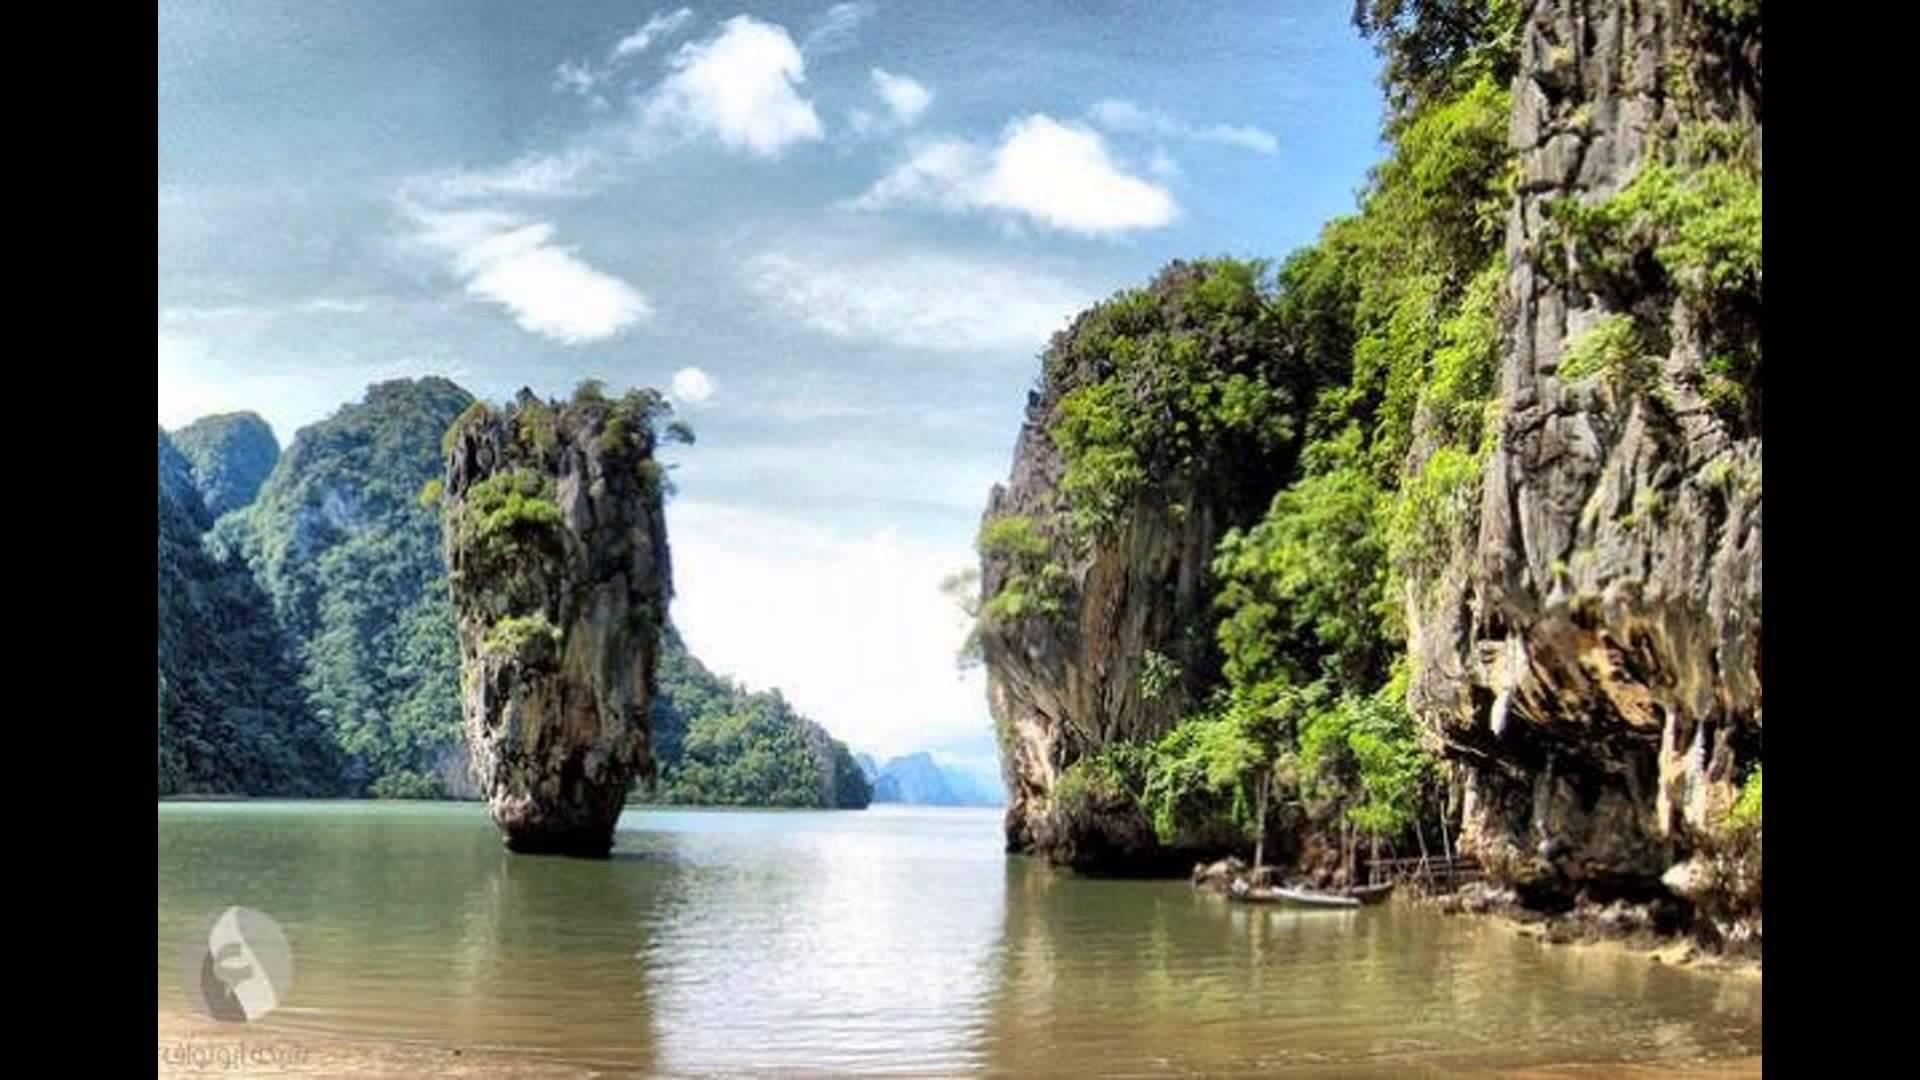 بالصور صور طبيعية , اجمل المناظر والاماكن السياحية الطبيعية 4406 11